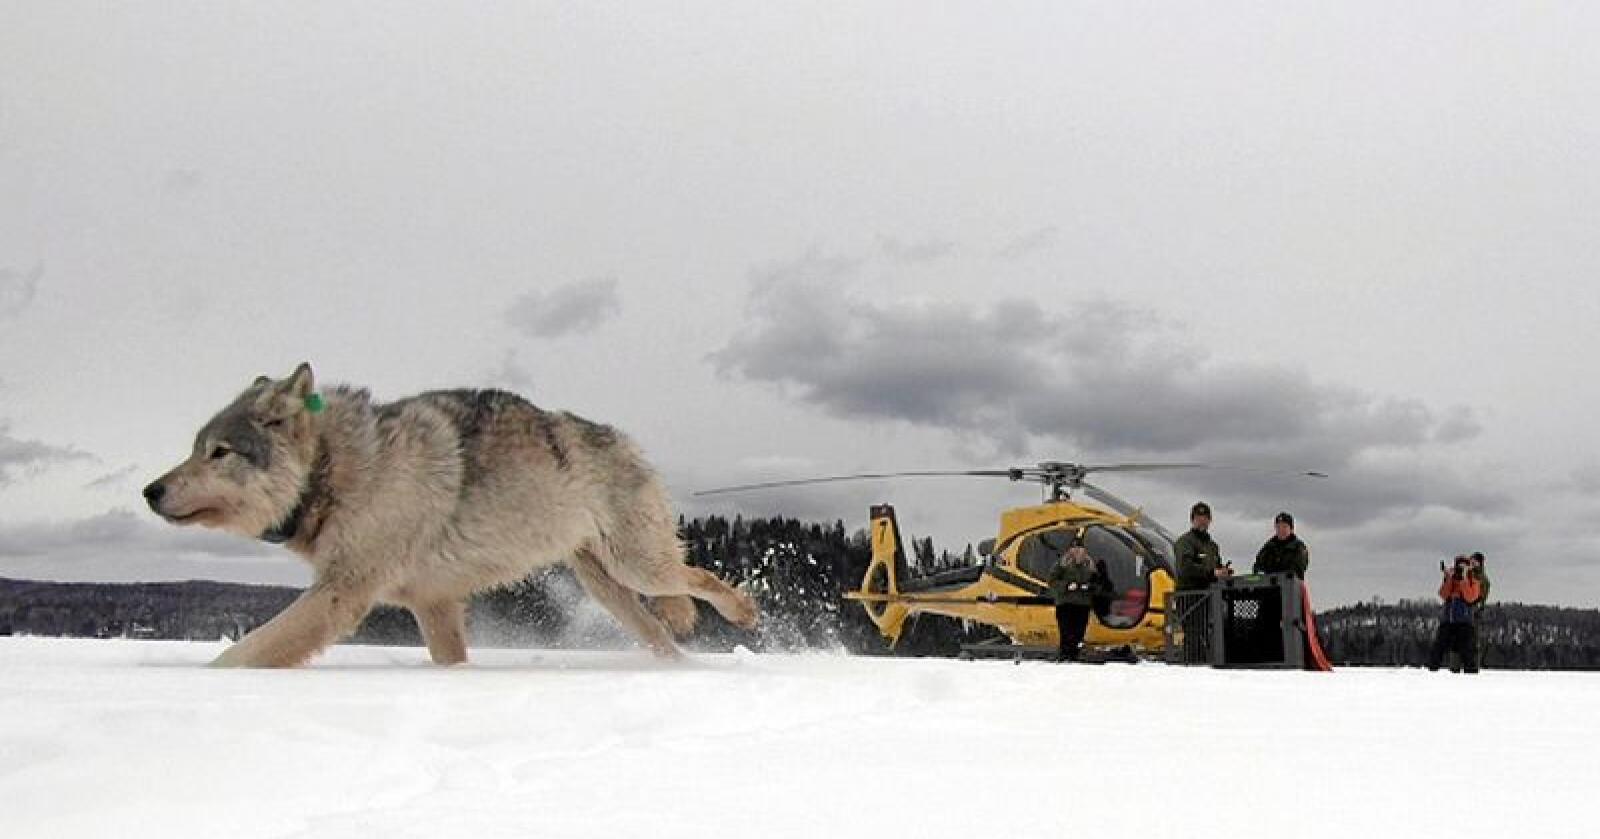 En nasjonalpark som dekker øyene i grensesjøen Lake Superior har så mye elg at myndighetene flyr inn ulver for å redusere bestanden. Foto: Daniel Conjanu / The National Parks of Lake Superior Foundation via AP / NTB scanpix